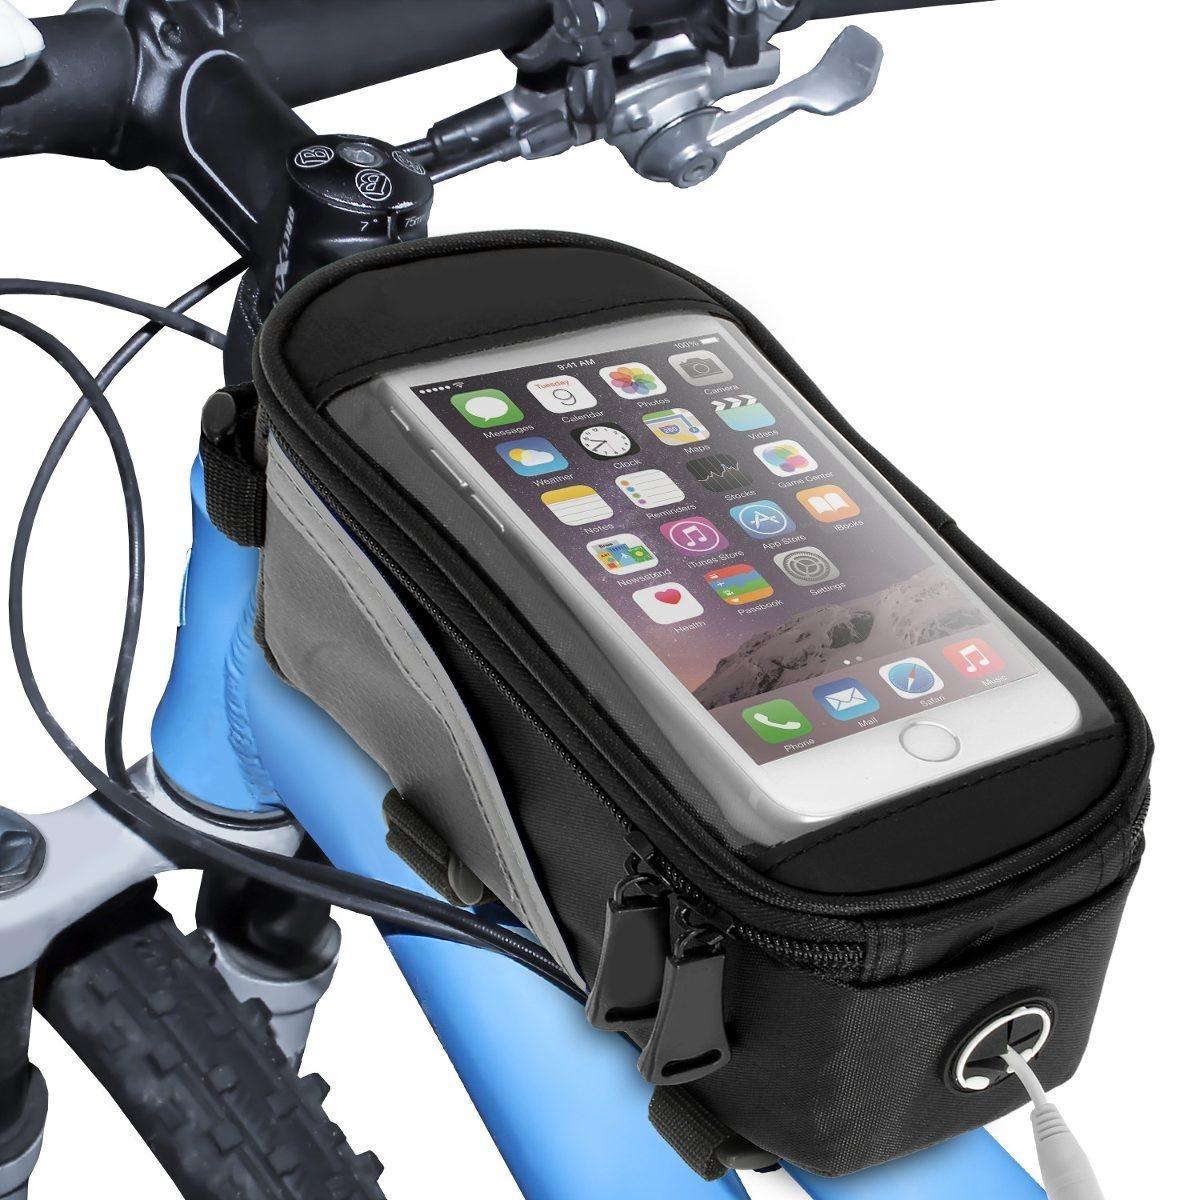 a136f52c73d Funda Bolso Porta Celular/gps Para Bicicleta Impermeable - $ 398,00 ...